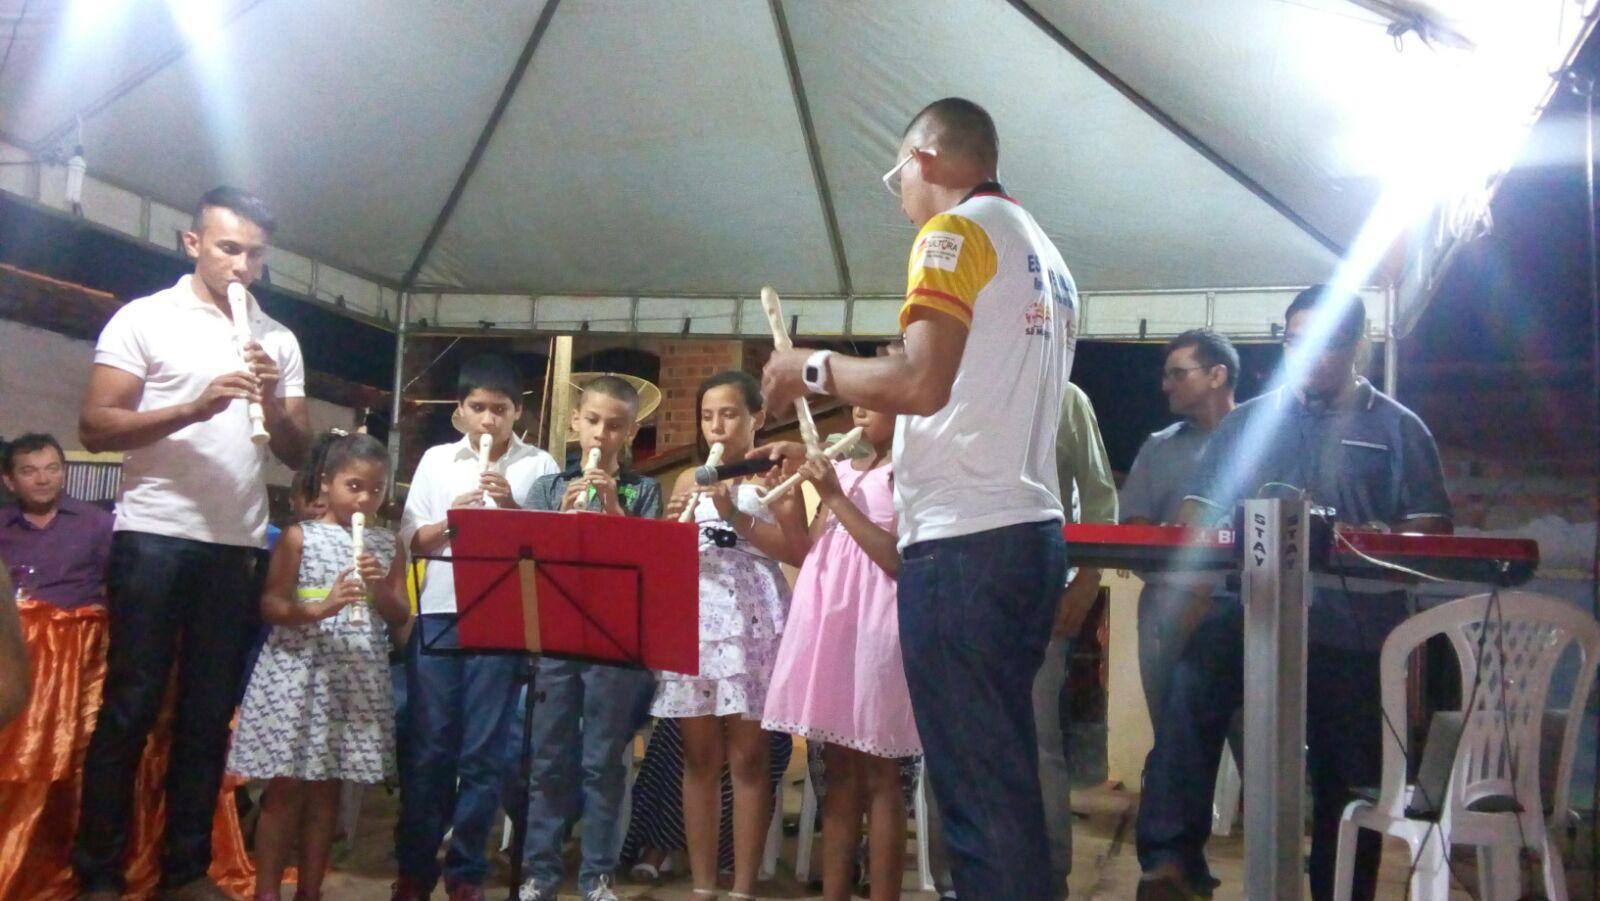 Apresentação dos alunos da escola de música durante a inauguração